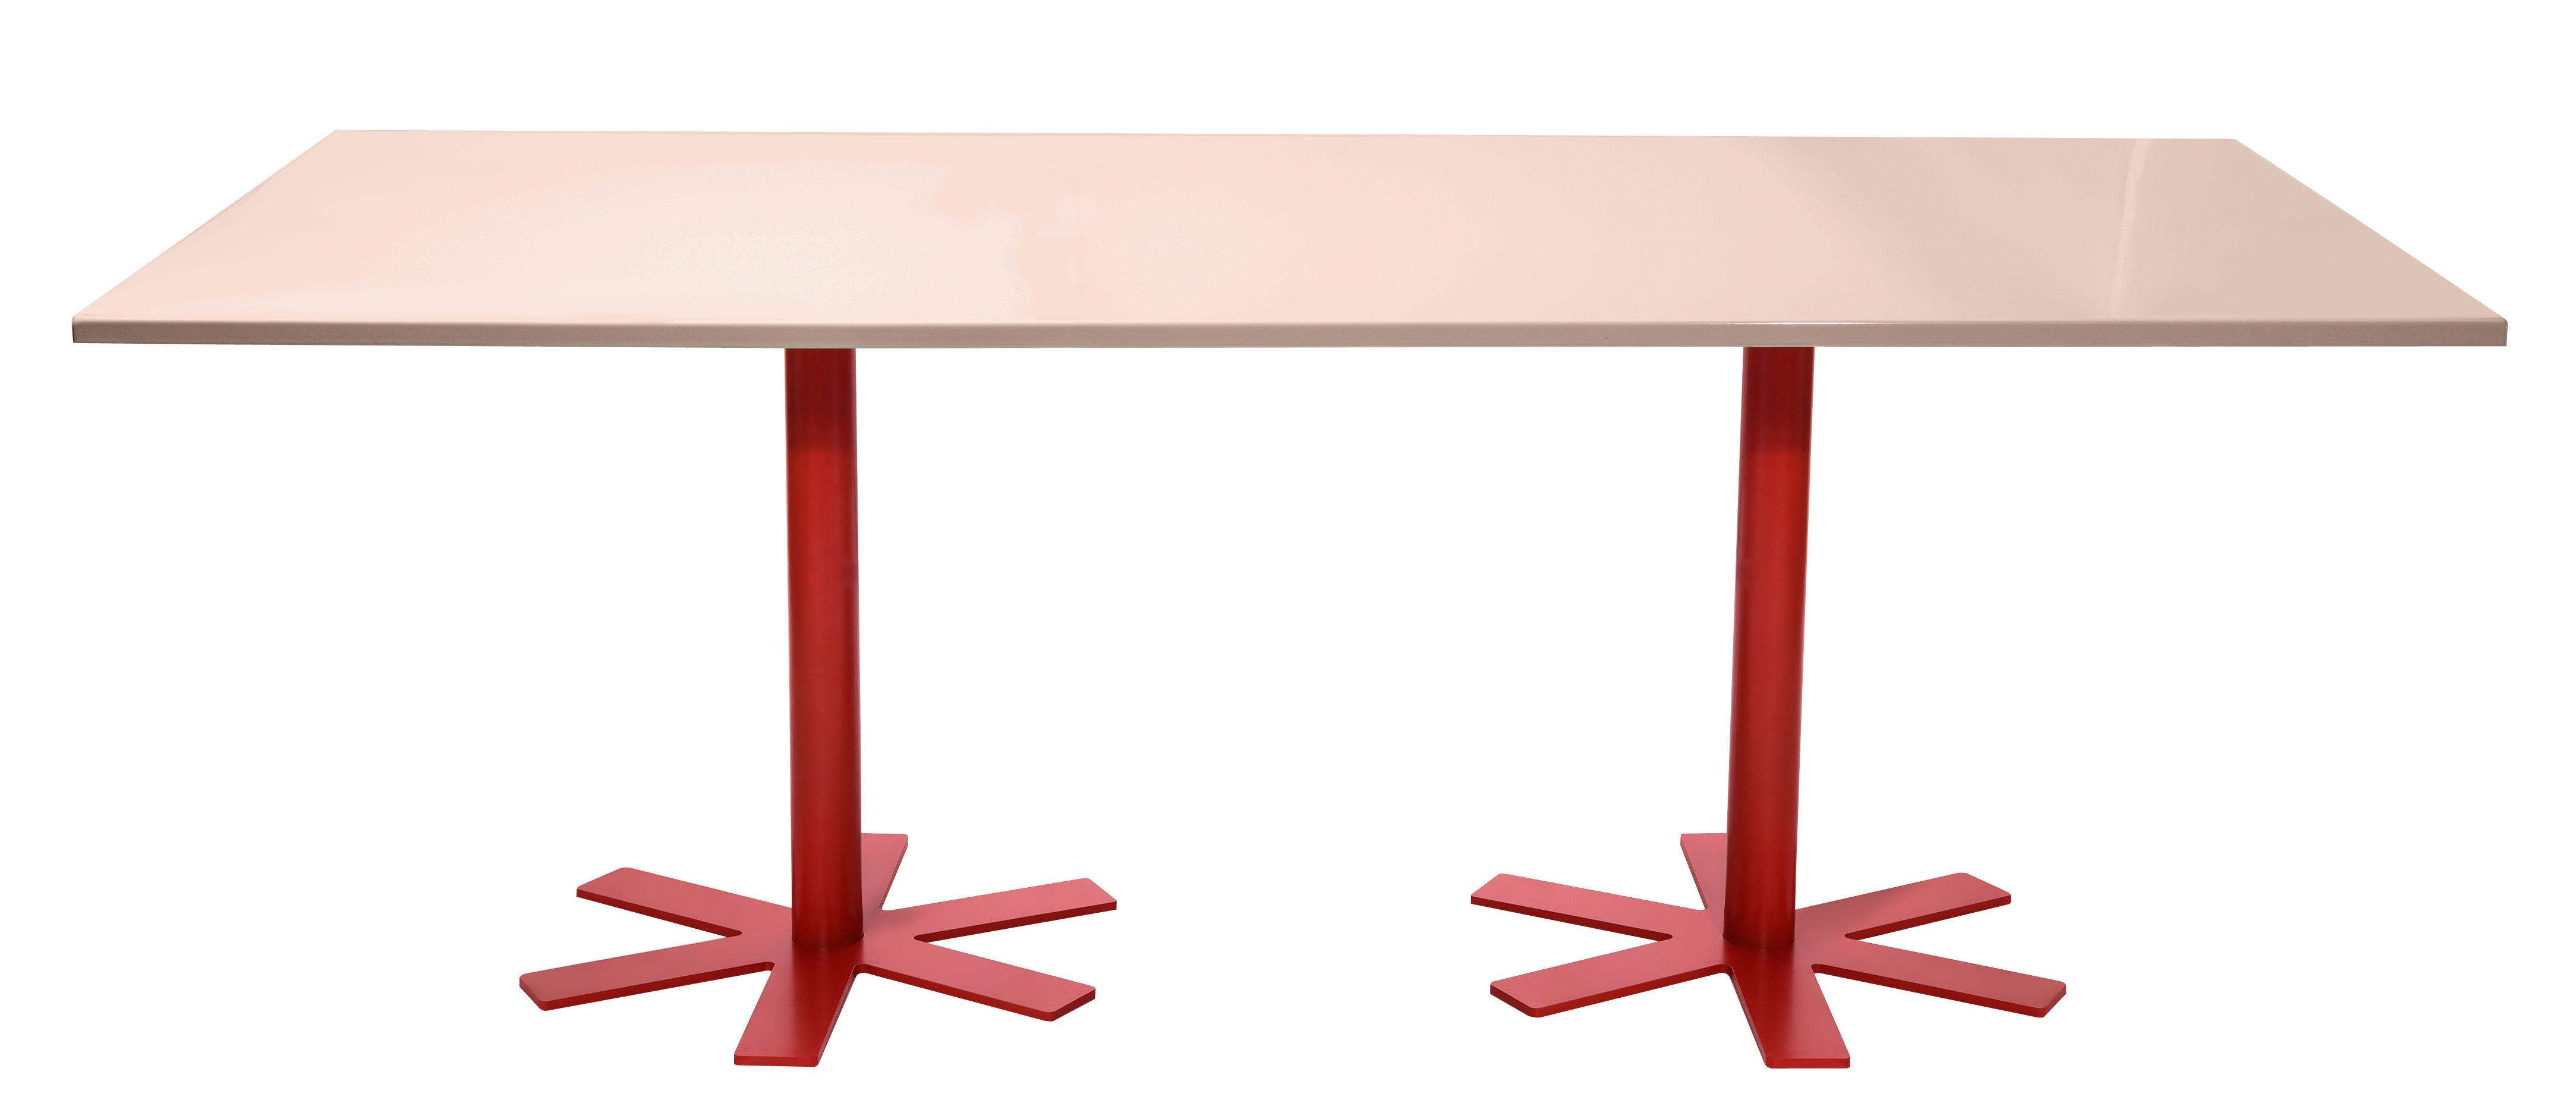 Mobilier - Tables - Table rectangulaire Parrot / 200 x 90 cm - Unie - Petite Friture - Rose pastel  / Pieds rouges - Acier émaillé, Acier thermolaqué